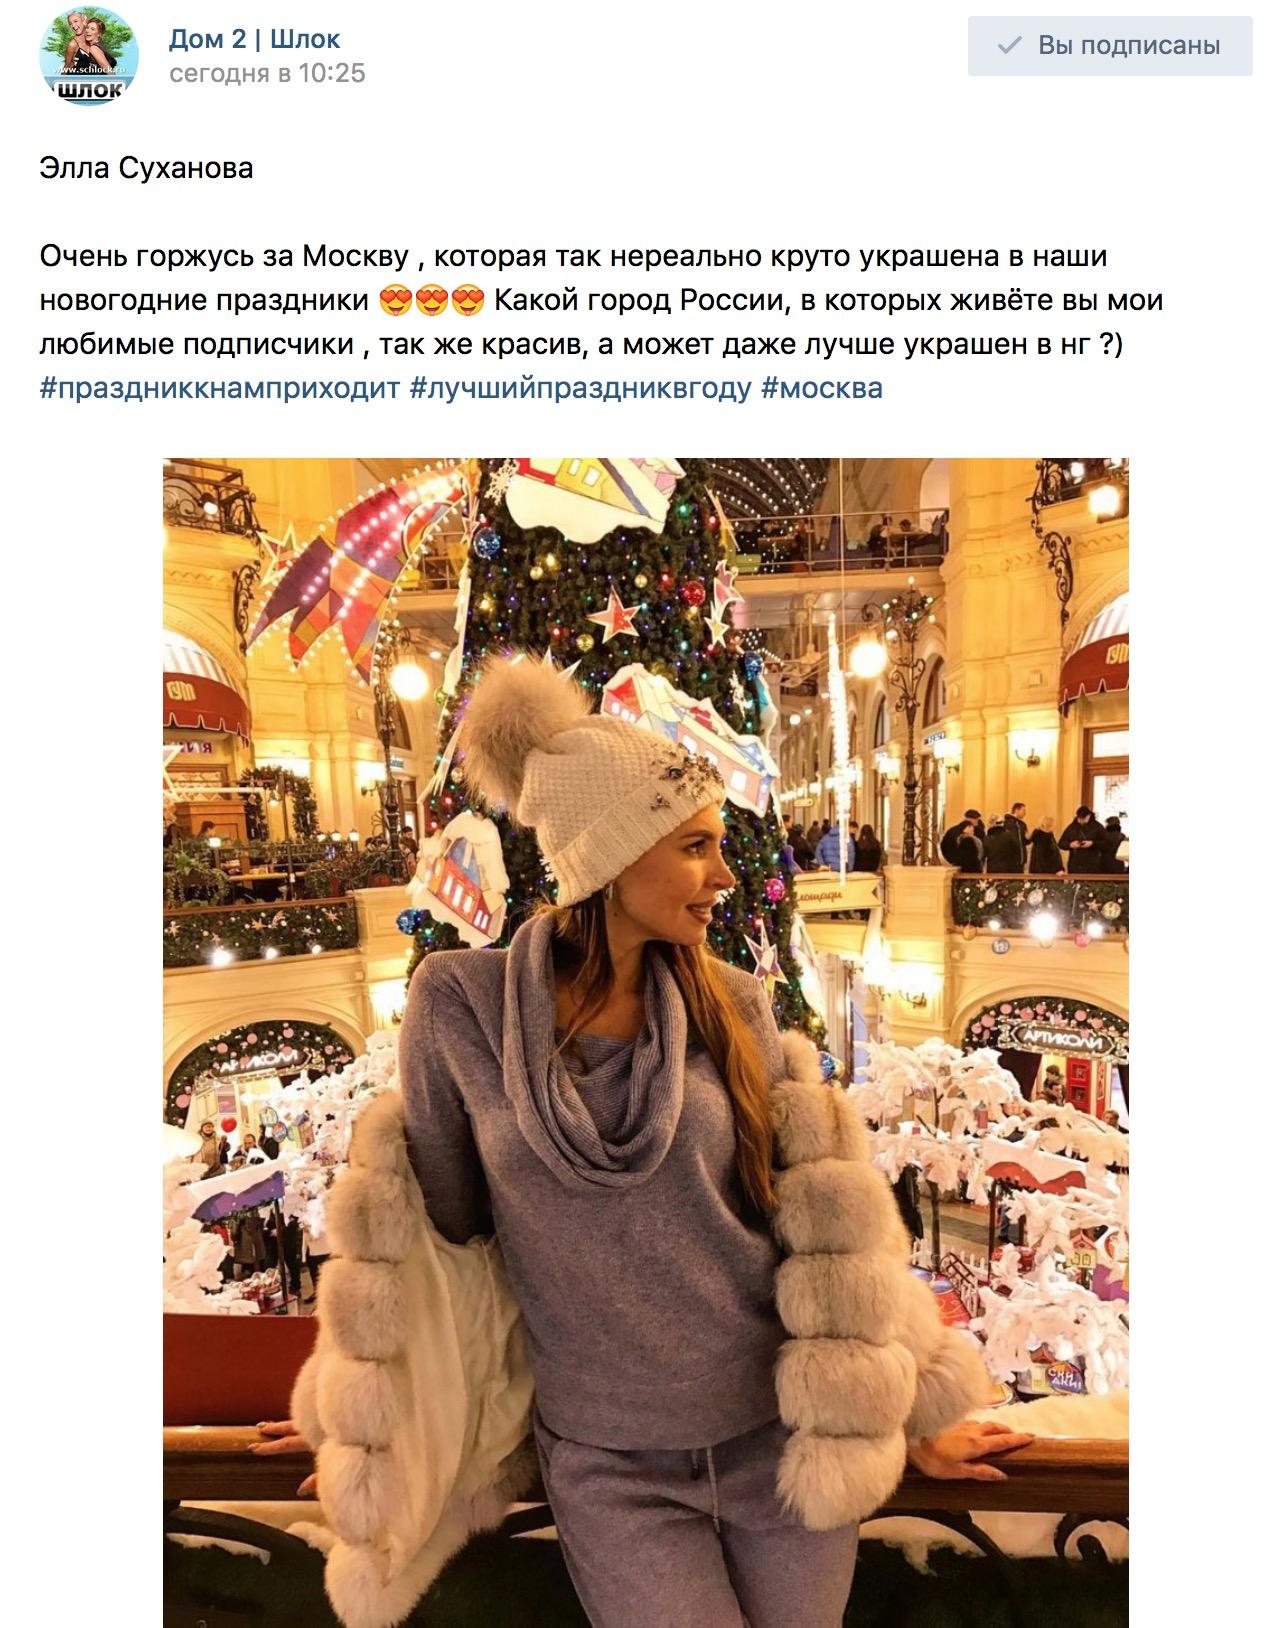 Очень горжусь за Москву